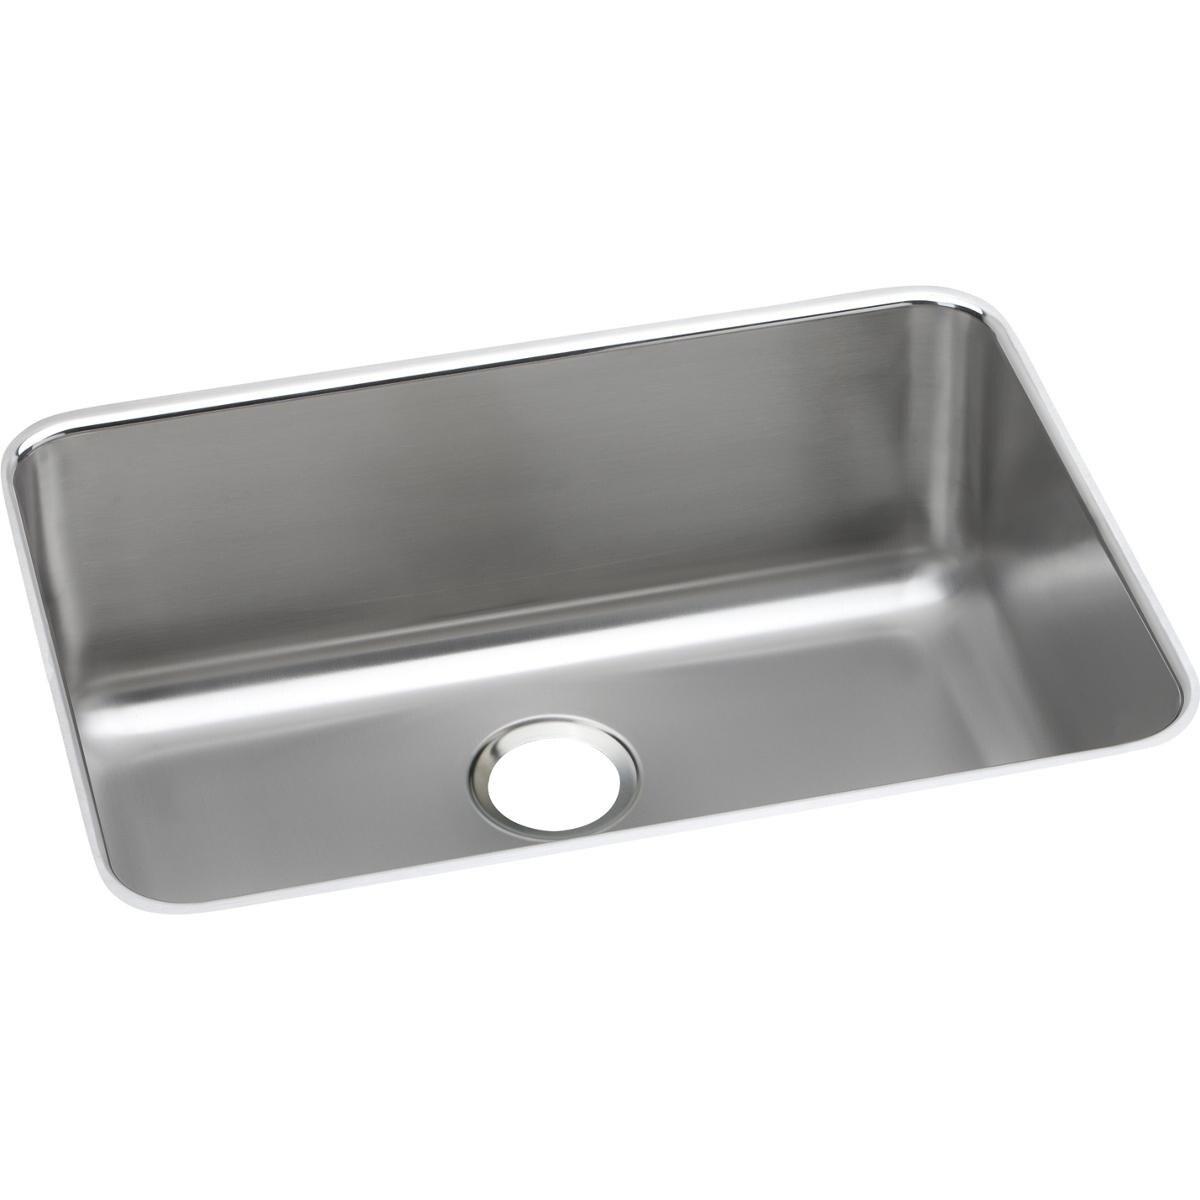 Elkay Gourmet Undermount Stainless Steel (Silver) ELUH241...